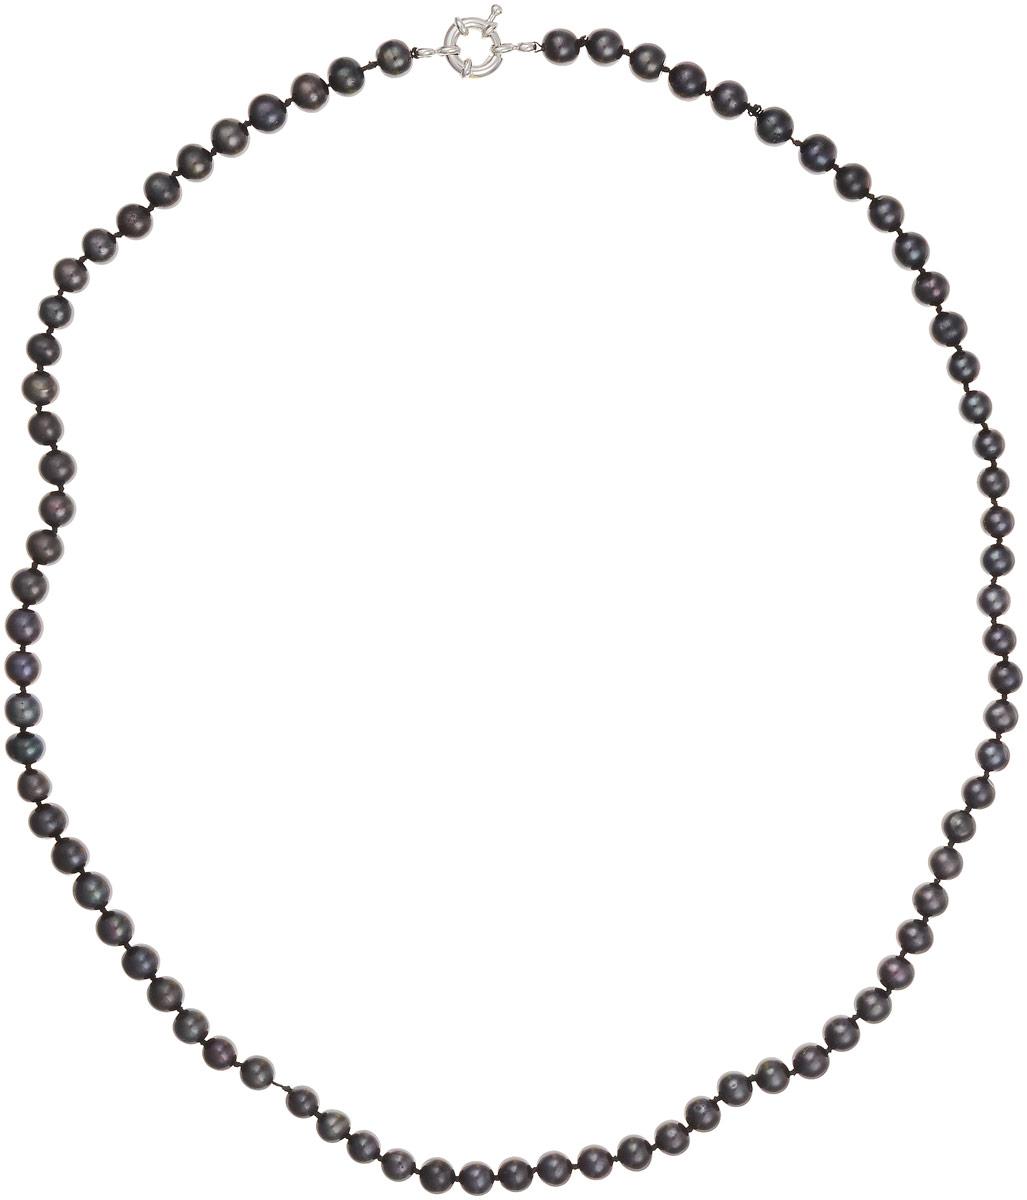 Бусы Art-Silver, цвет: темно-коричневый, фиолетово-зеленый, длина 60 см. КЖ7-8АА+60-1868Бусы-ниткаБусы Art-Silver изготовлены из культивированного жемчуга. Изделие оформлено круглыми бусинами и застегивается на шпренгельный замок из бижутерного сплава.